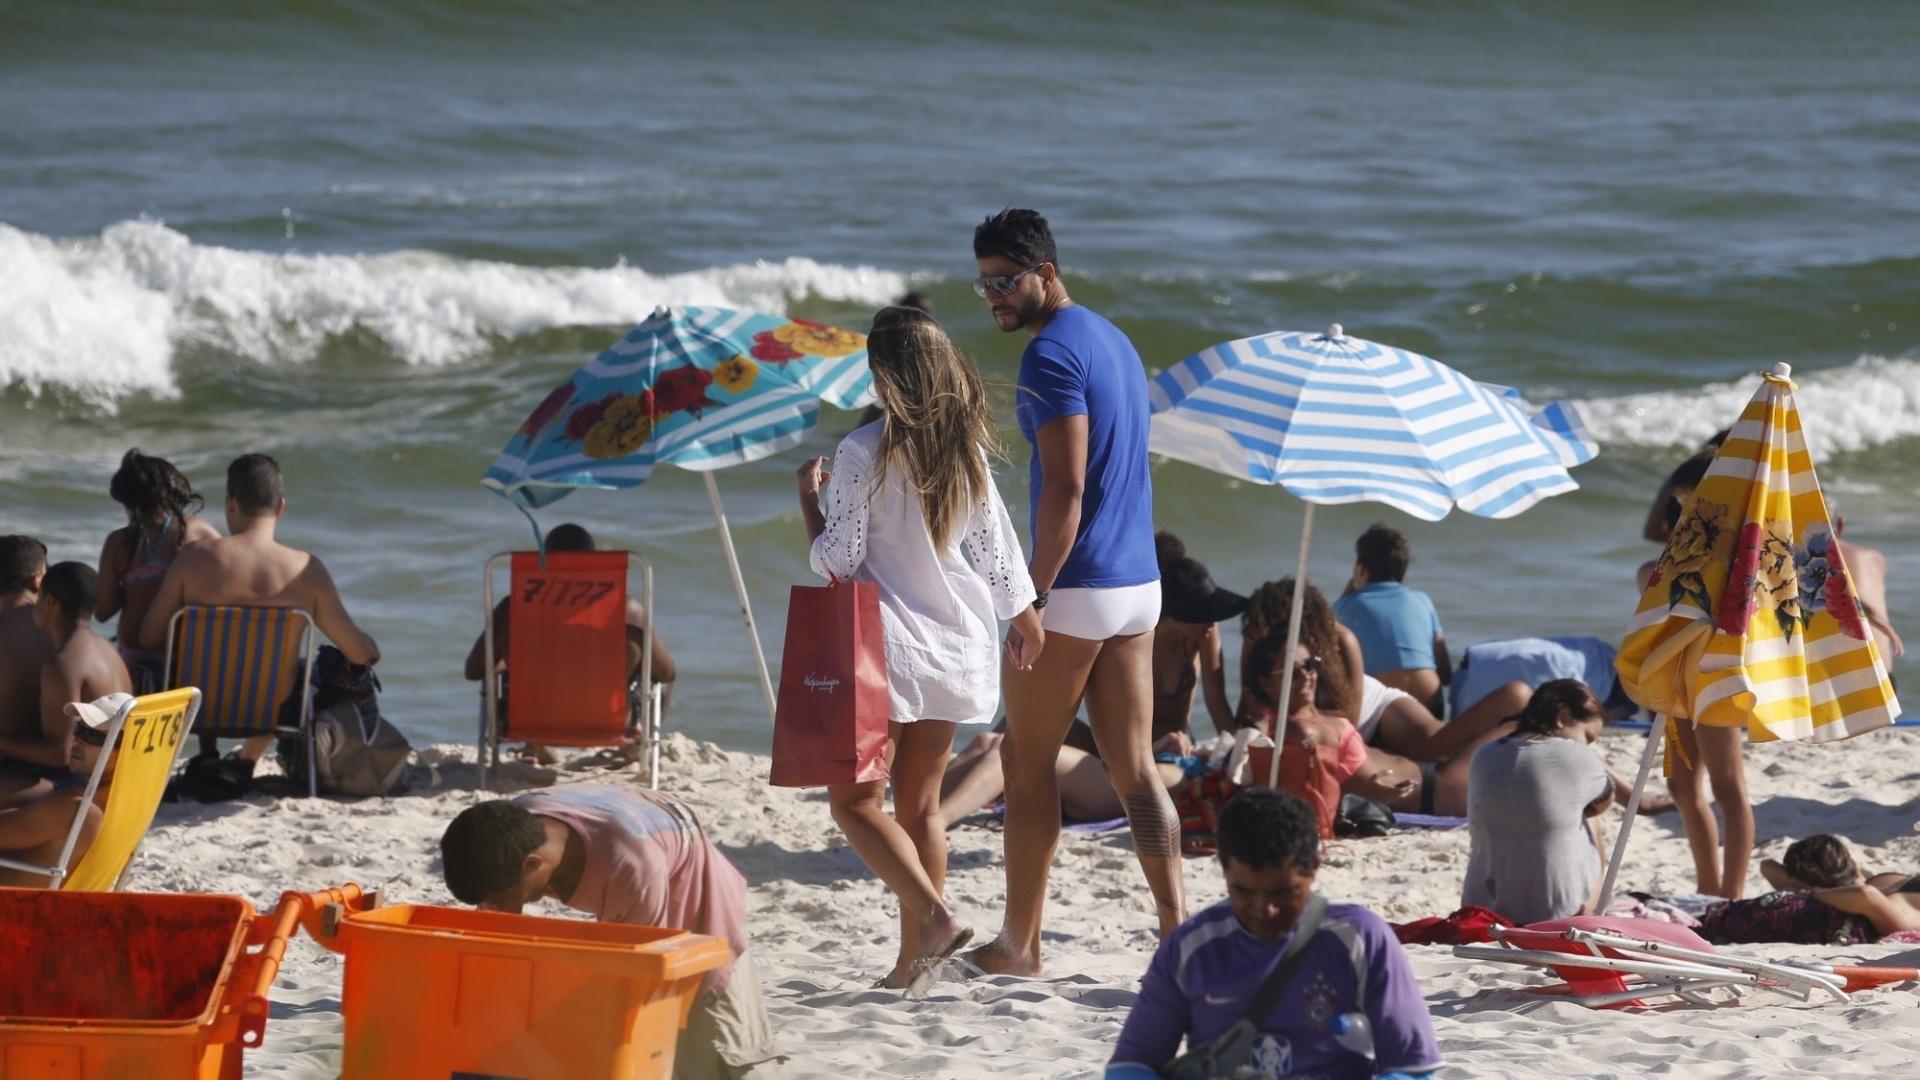 1º.fev.2016 - A ex-panicat Nicole Bahls e o ex-Fazenda Marcelo Bimbi curtiram a praia da Barra da Tijuca, no Rio de Janeiro. Nicole anunciou recentemente o noivado com Marcelo no Facebook